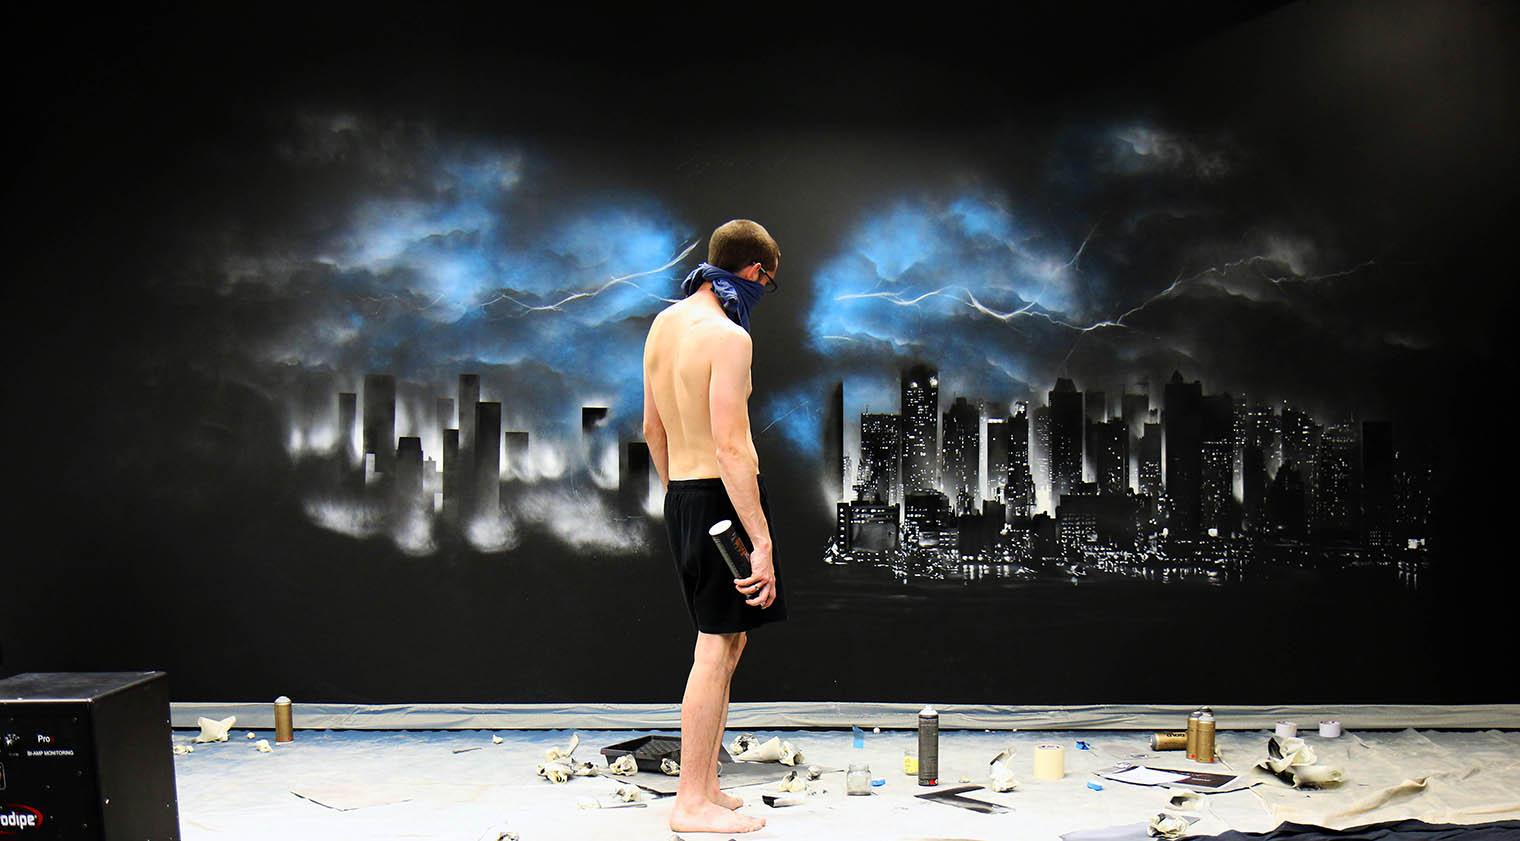 Ambiance de la fresque pendant la réalisation à barcelone dans les bureaux de dragon investors